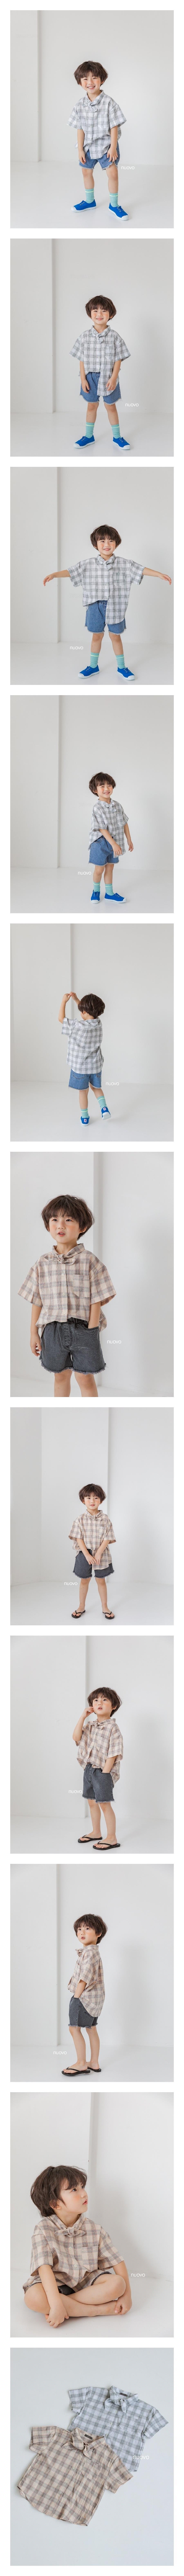 NUOVO - Korean Children Fashion - #Kfashion4kids - Check Bay Shirts